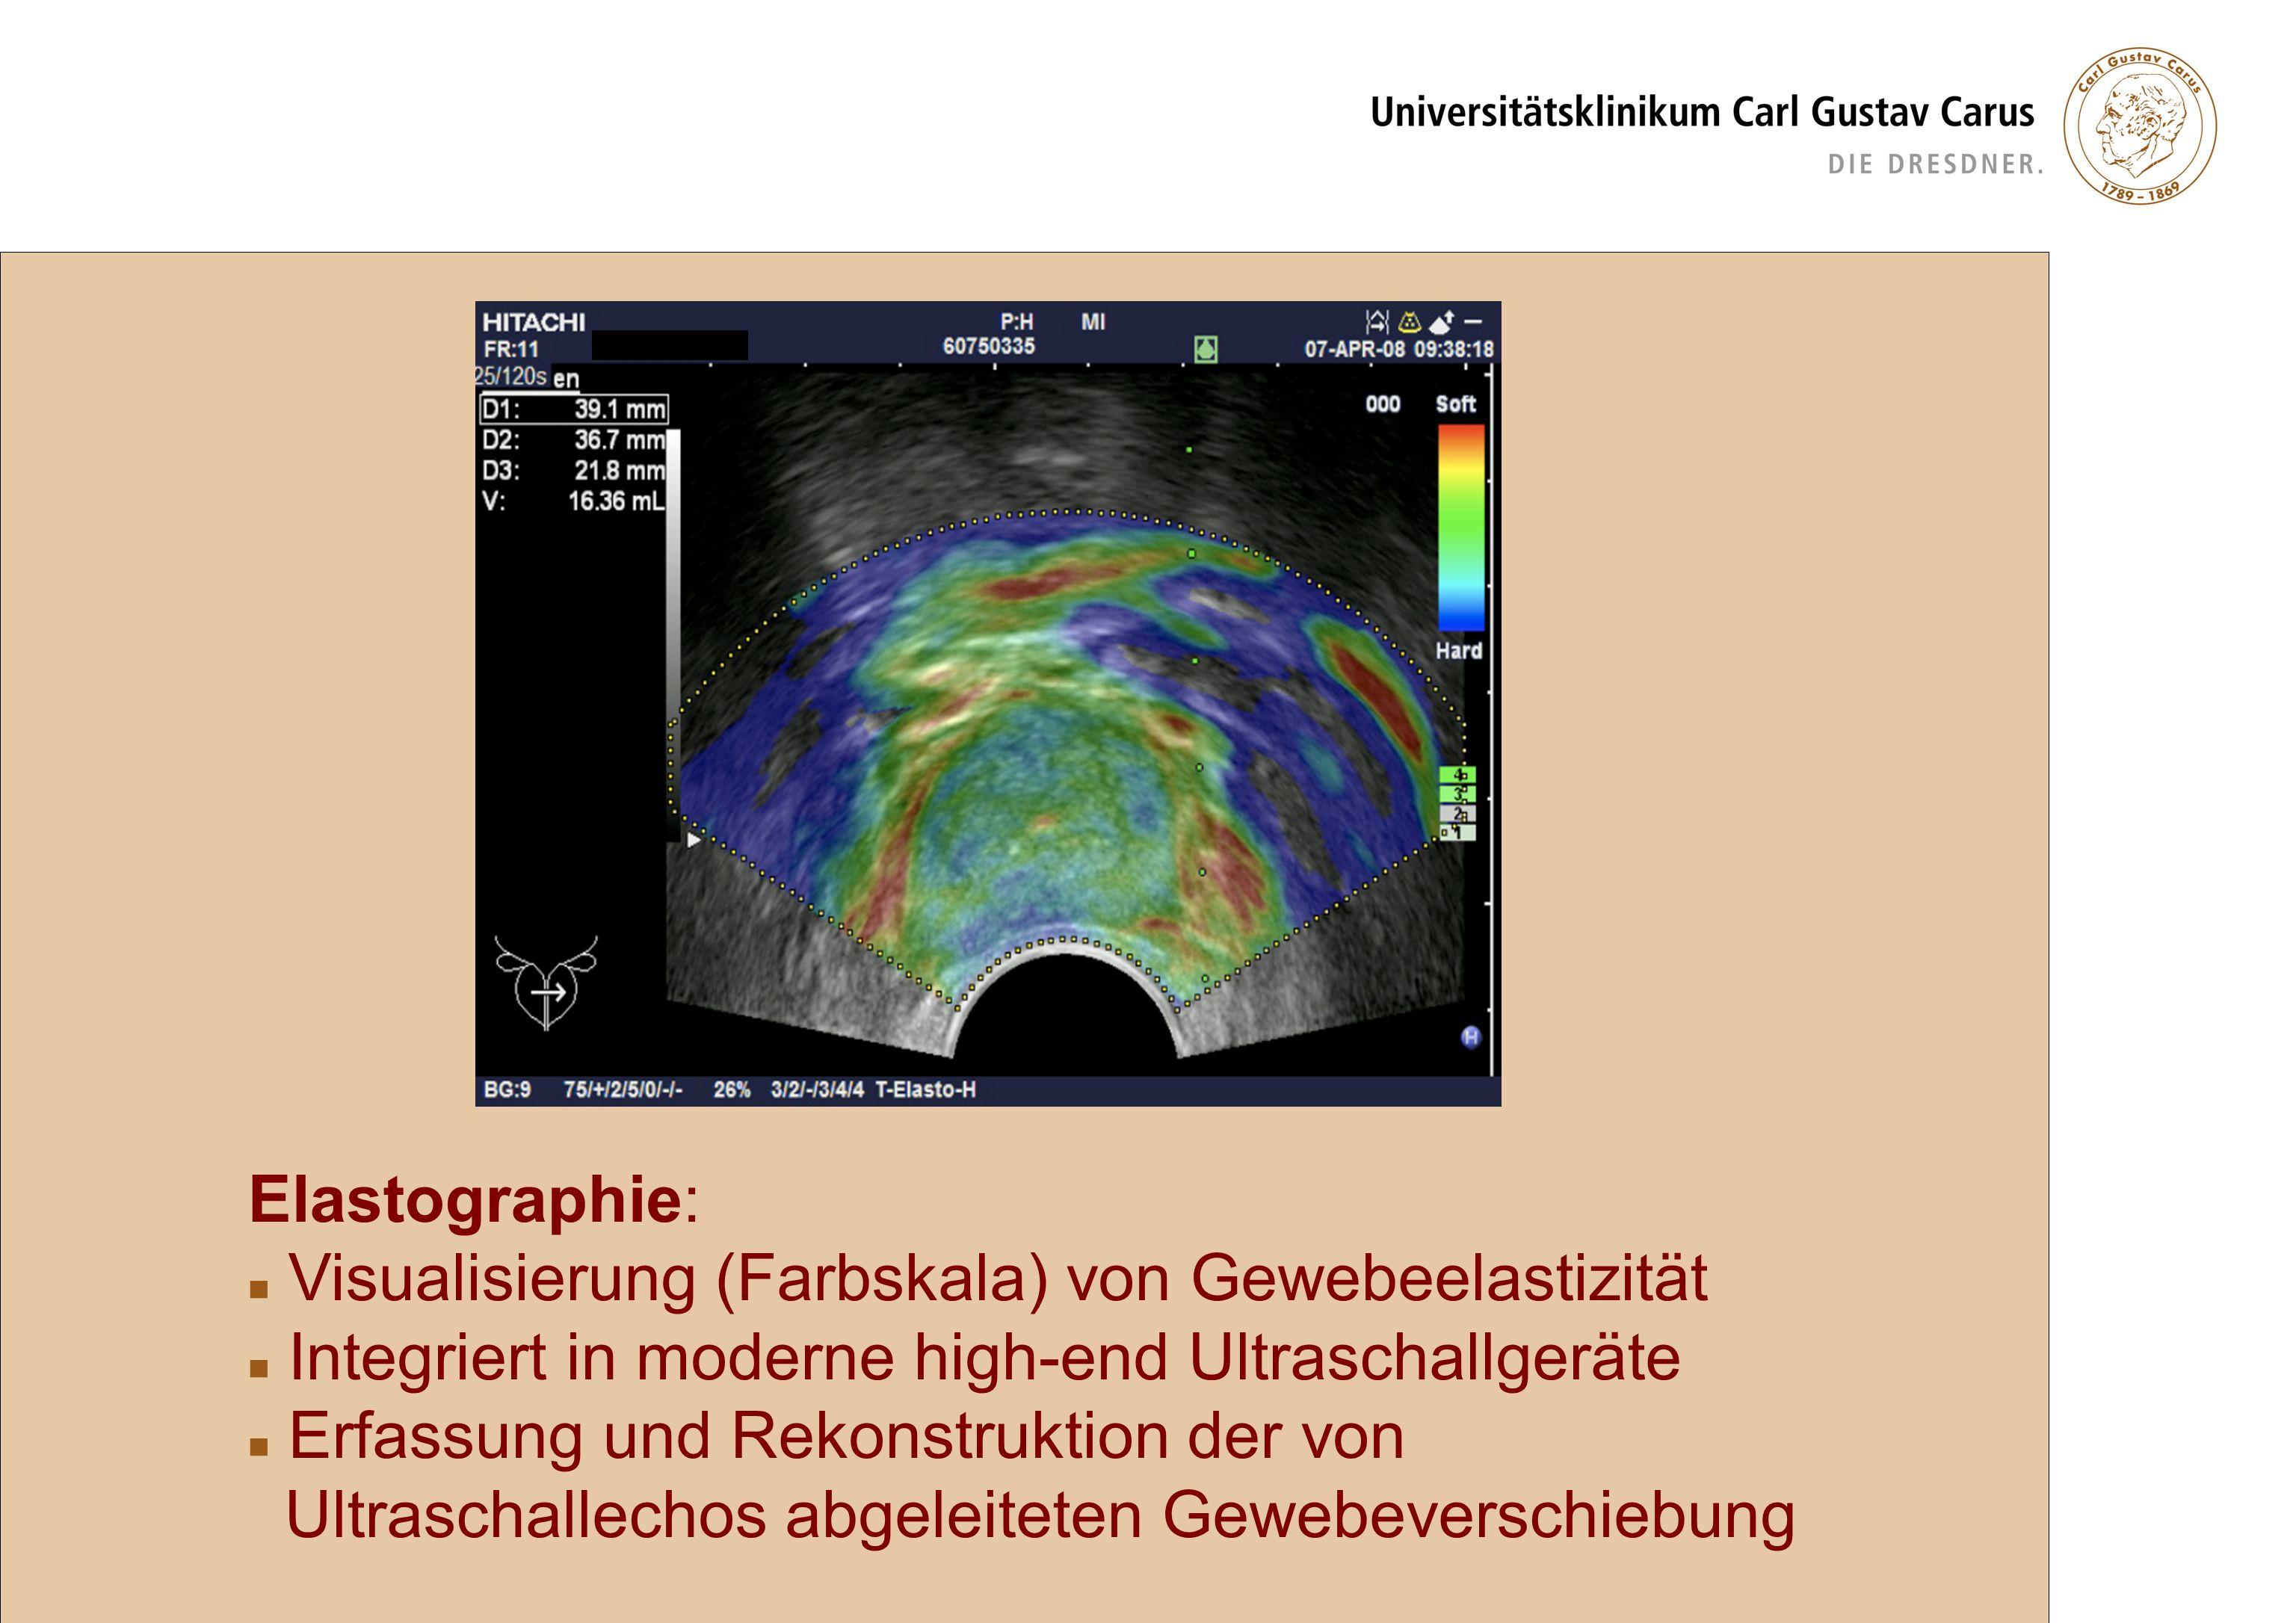 Patienten und Methodik TRUS-Biopsie mit Elastographie N = 97 06/2007 - 01/2009